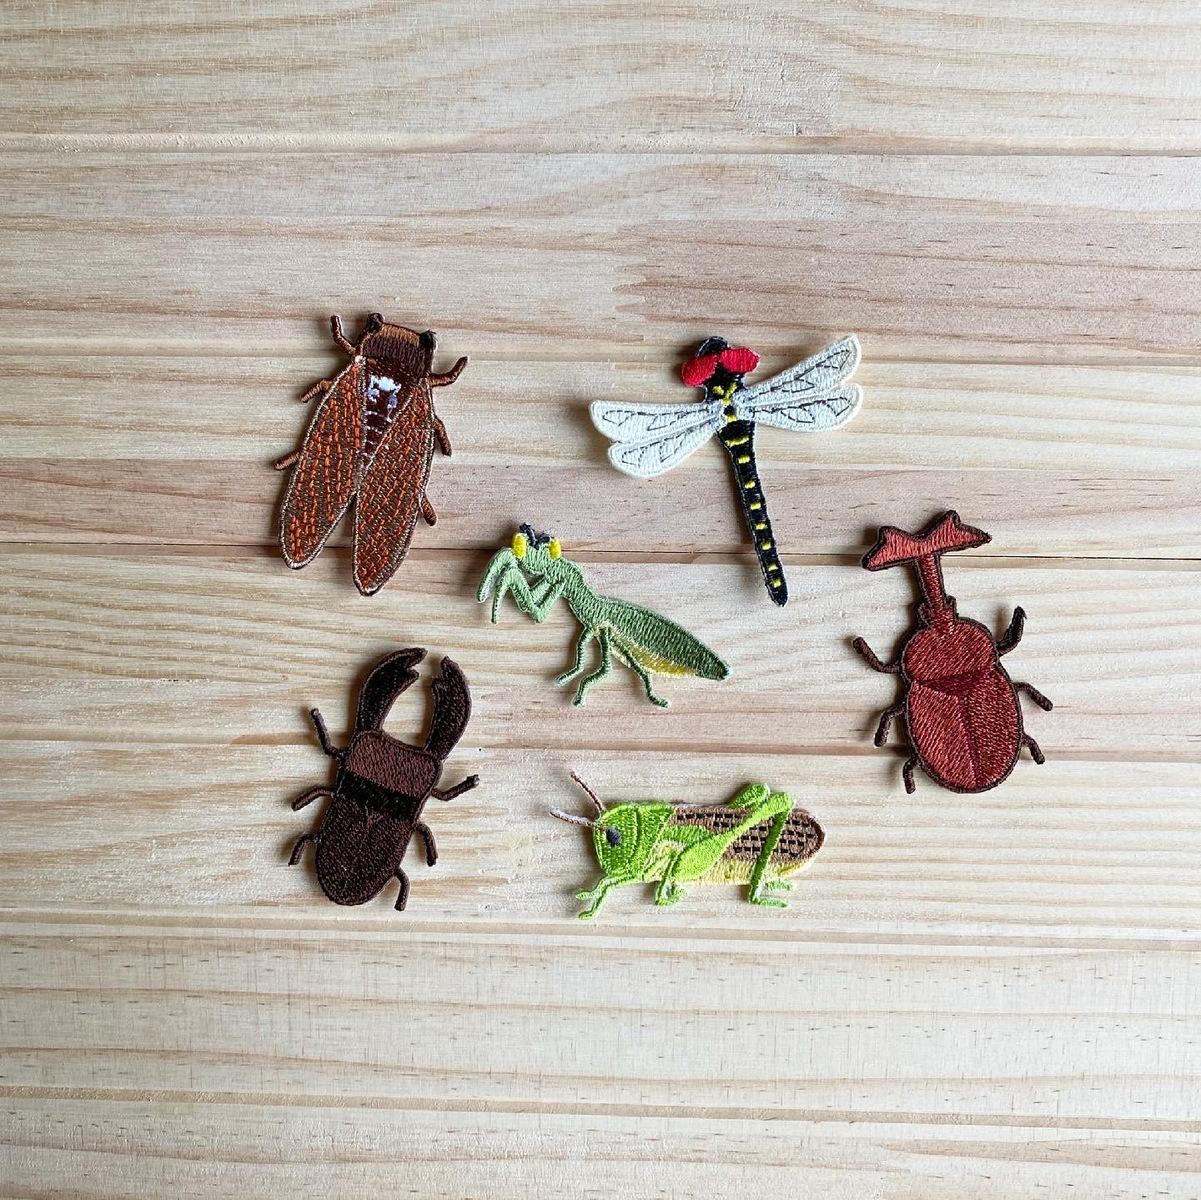 大 授与 虫の刺繍ワッペン カブトムシ 新登場 クワガタ トノサマバッタ カマキリ セミ トンボ